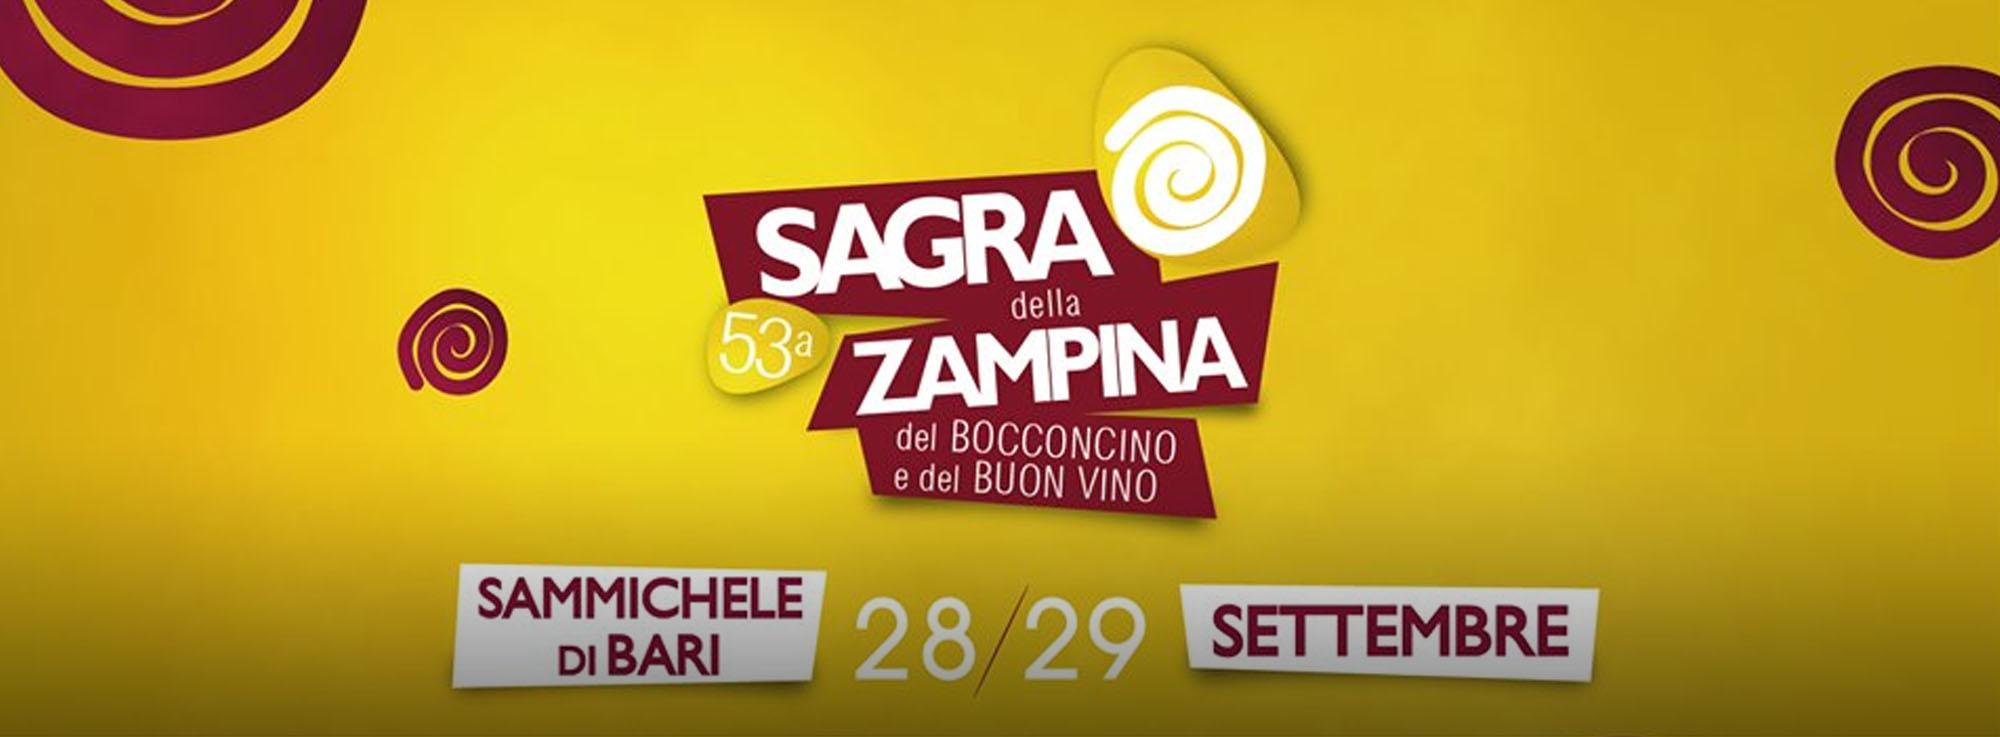 Sammichele di Bari: Sagra della Zampina e del Bocconcino e del Buon Vino